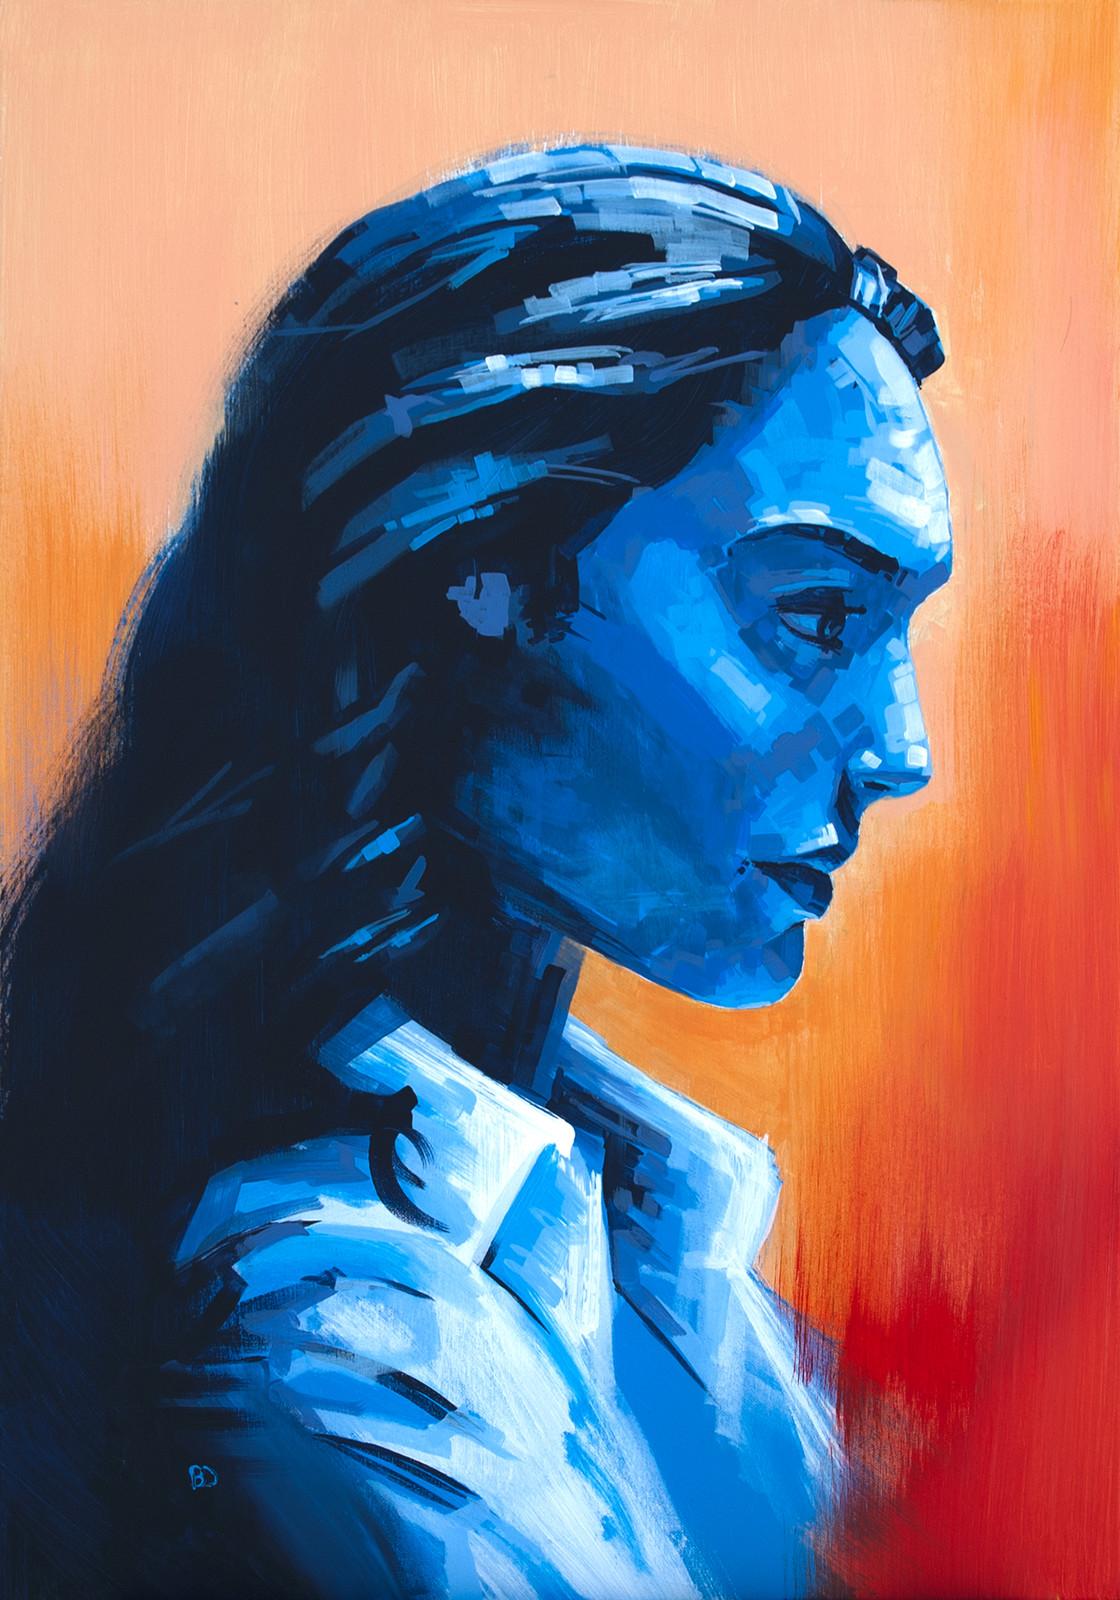 Daydream, Malfeasance Acrylic on canvas (70 x 100cm)